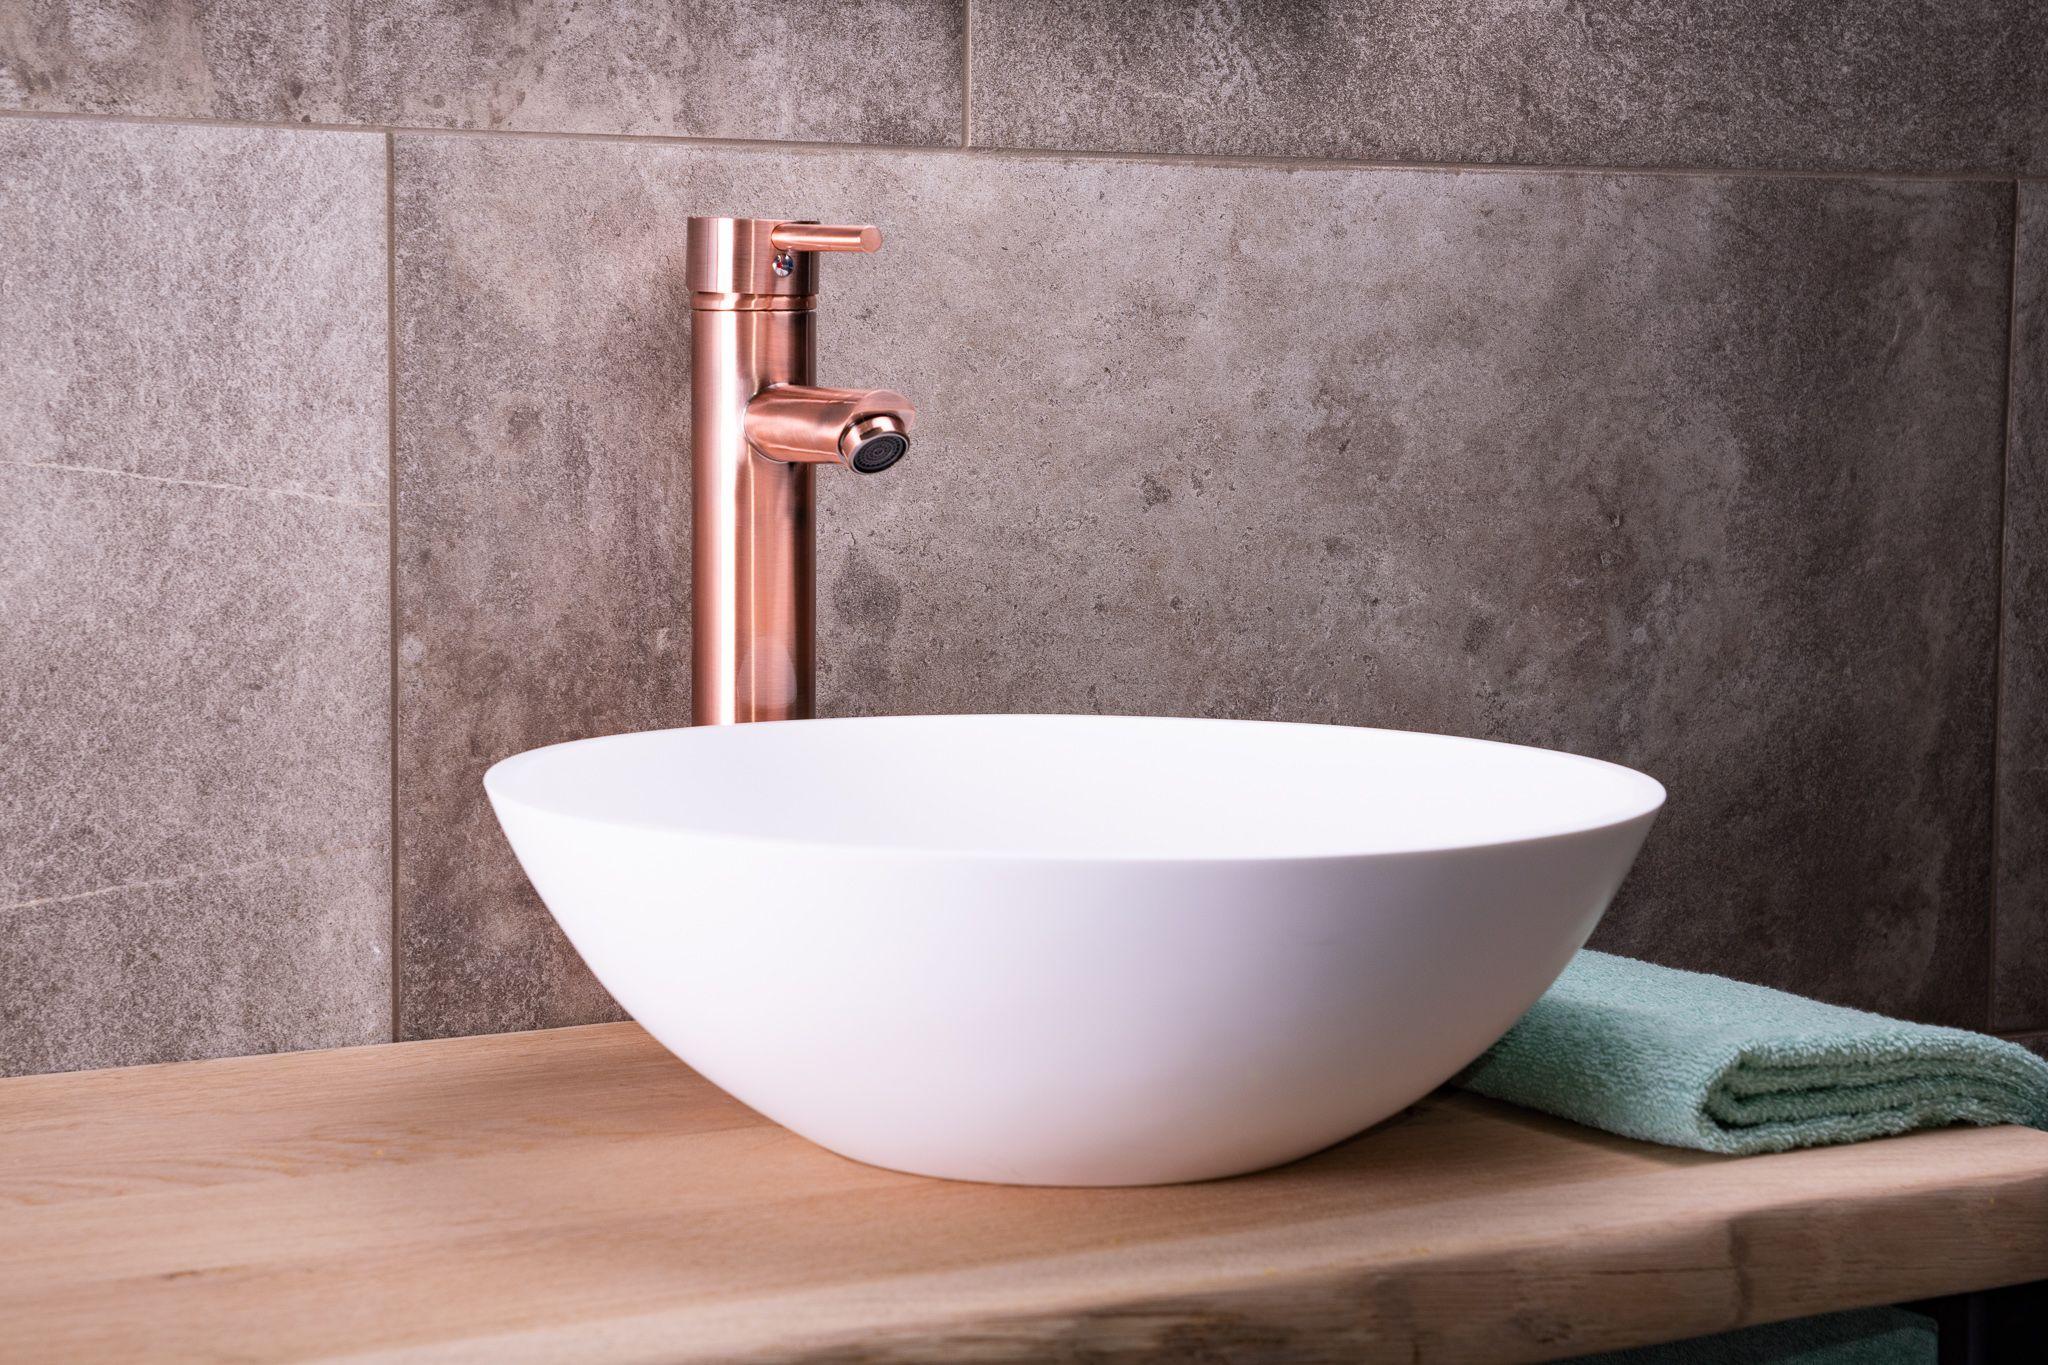 Wasbak Badkamer Inspiratie : B dutch badkamermeubel wasbak voor de badkamer badkamer